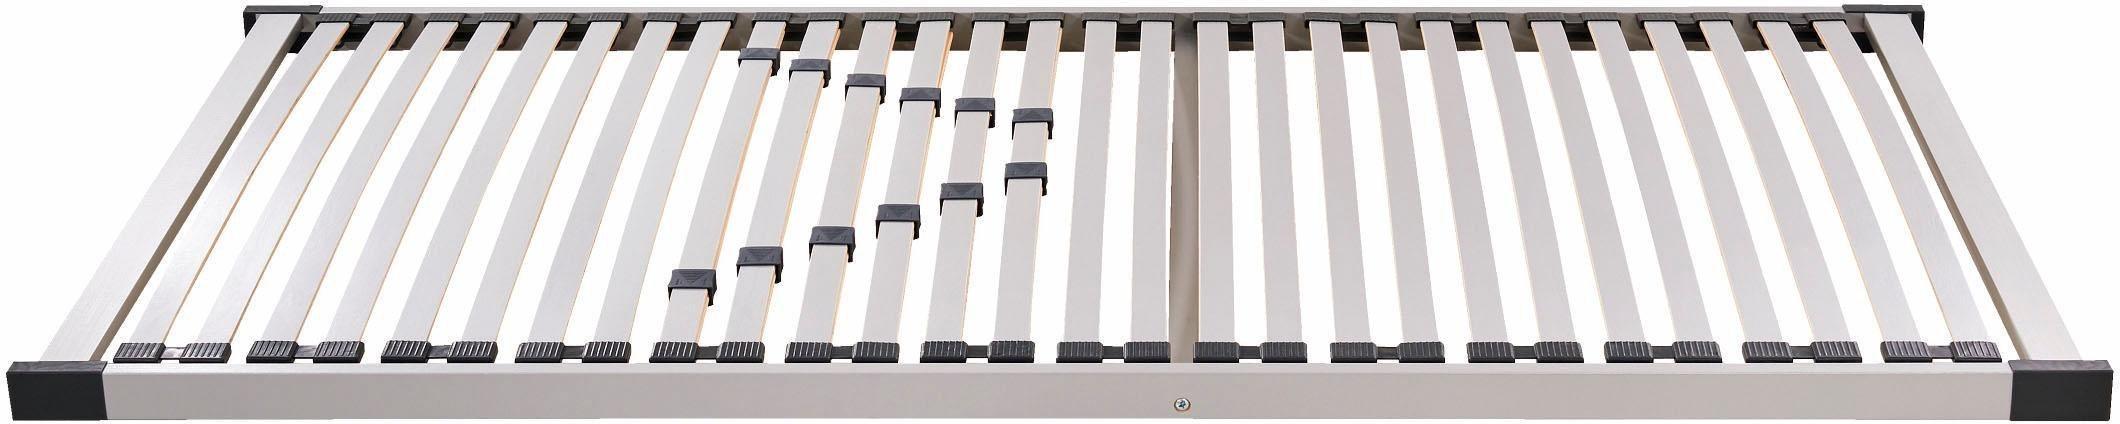 Lattenrost Verstellbar 90X200 Preisvergleich • Die besten Angebote ...